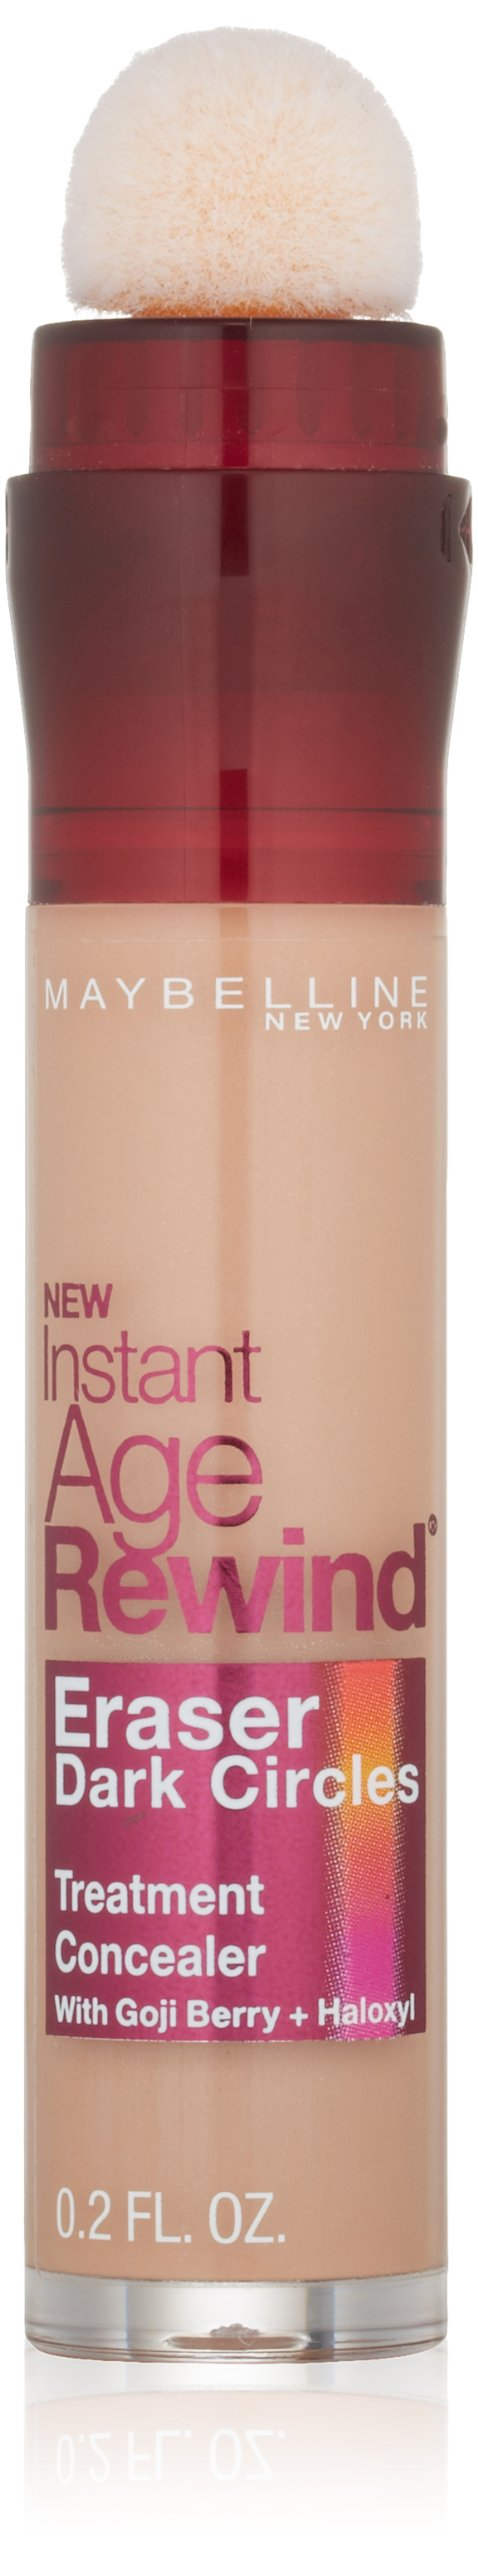 Maybelline Instant Age Rewind Eraser Dark Circles Treatment Concealer, Honey, 0.2 fl. oz.